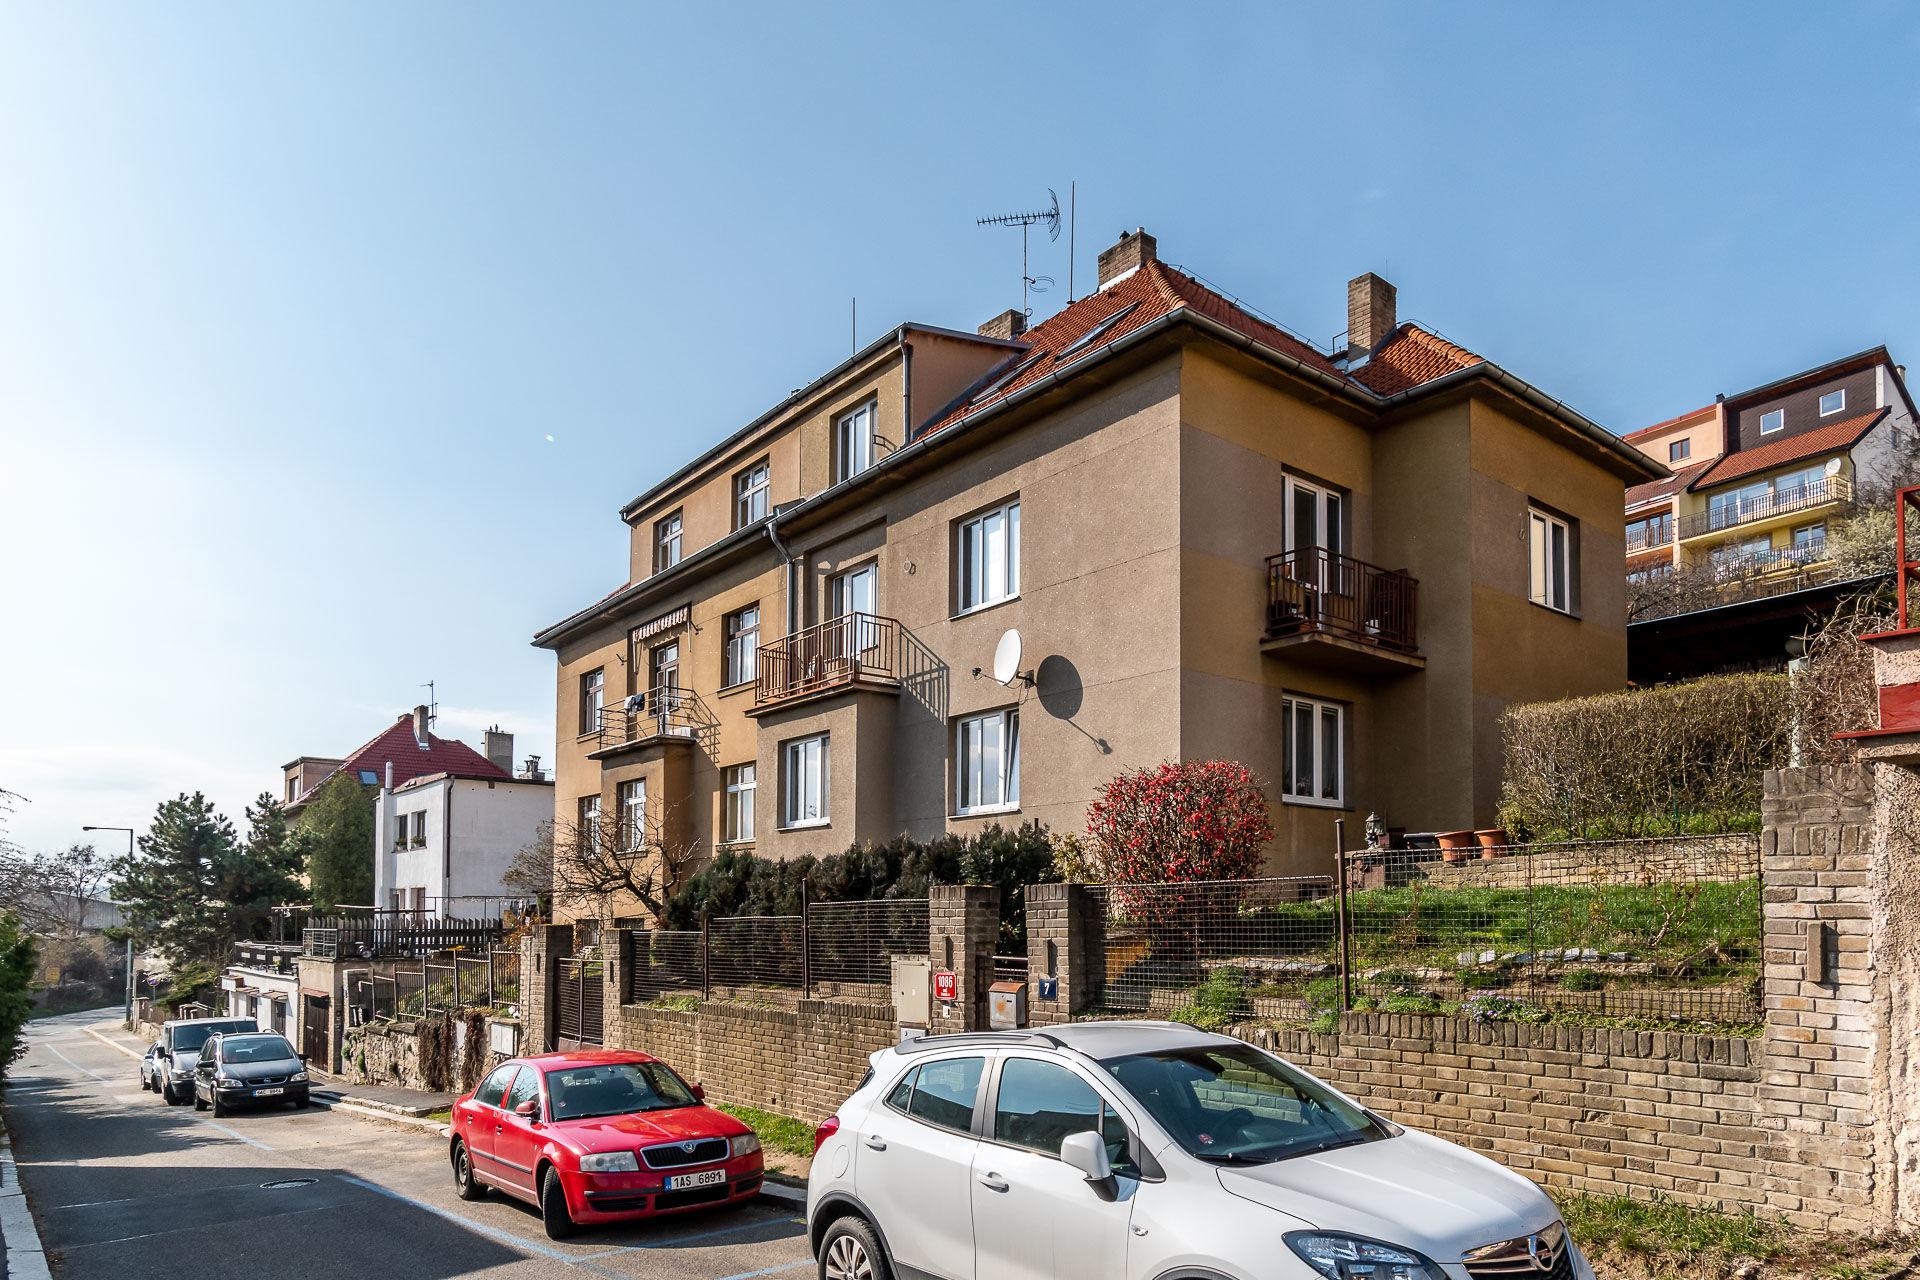 Prodej domu 270 m2, Praha - Krč